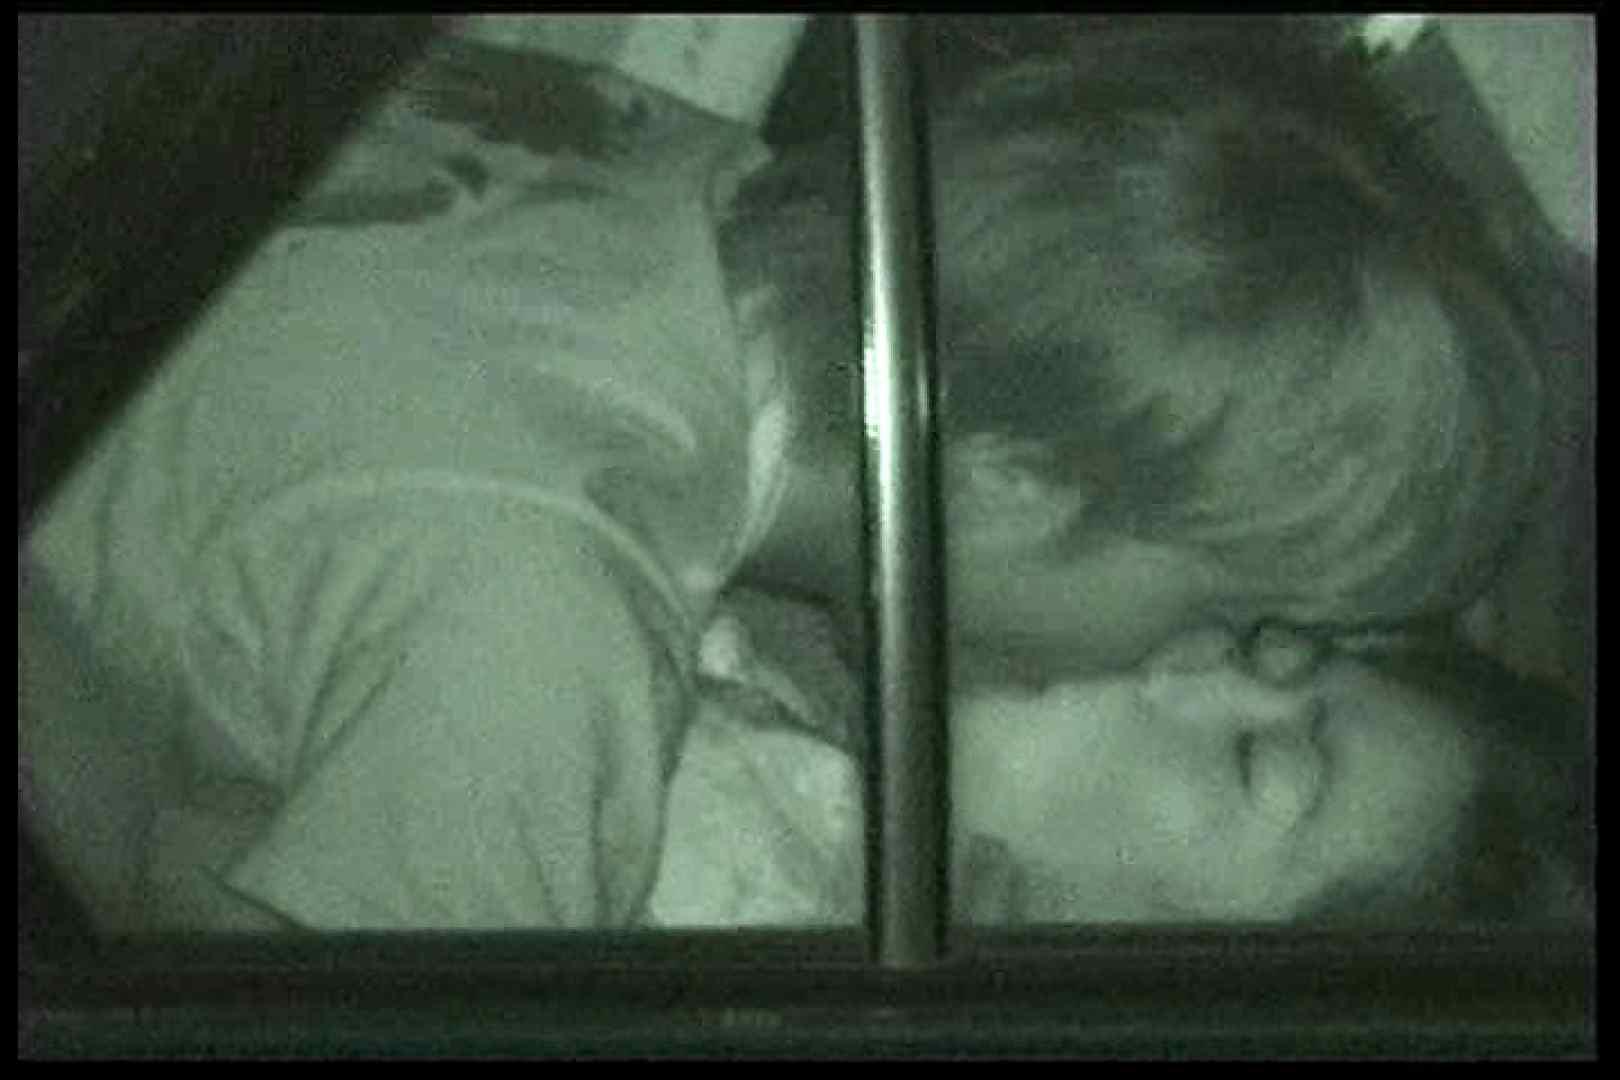 車の中はラブホテル 無修正版  Vol.13 マンコ エロ画像 64画像 17